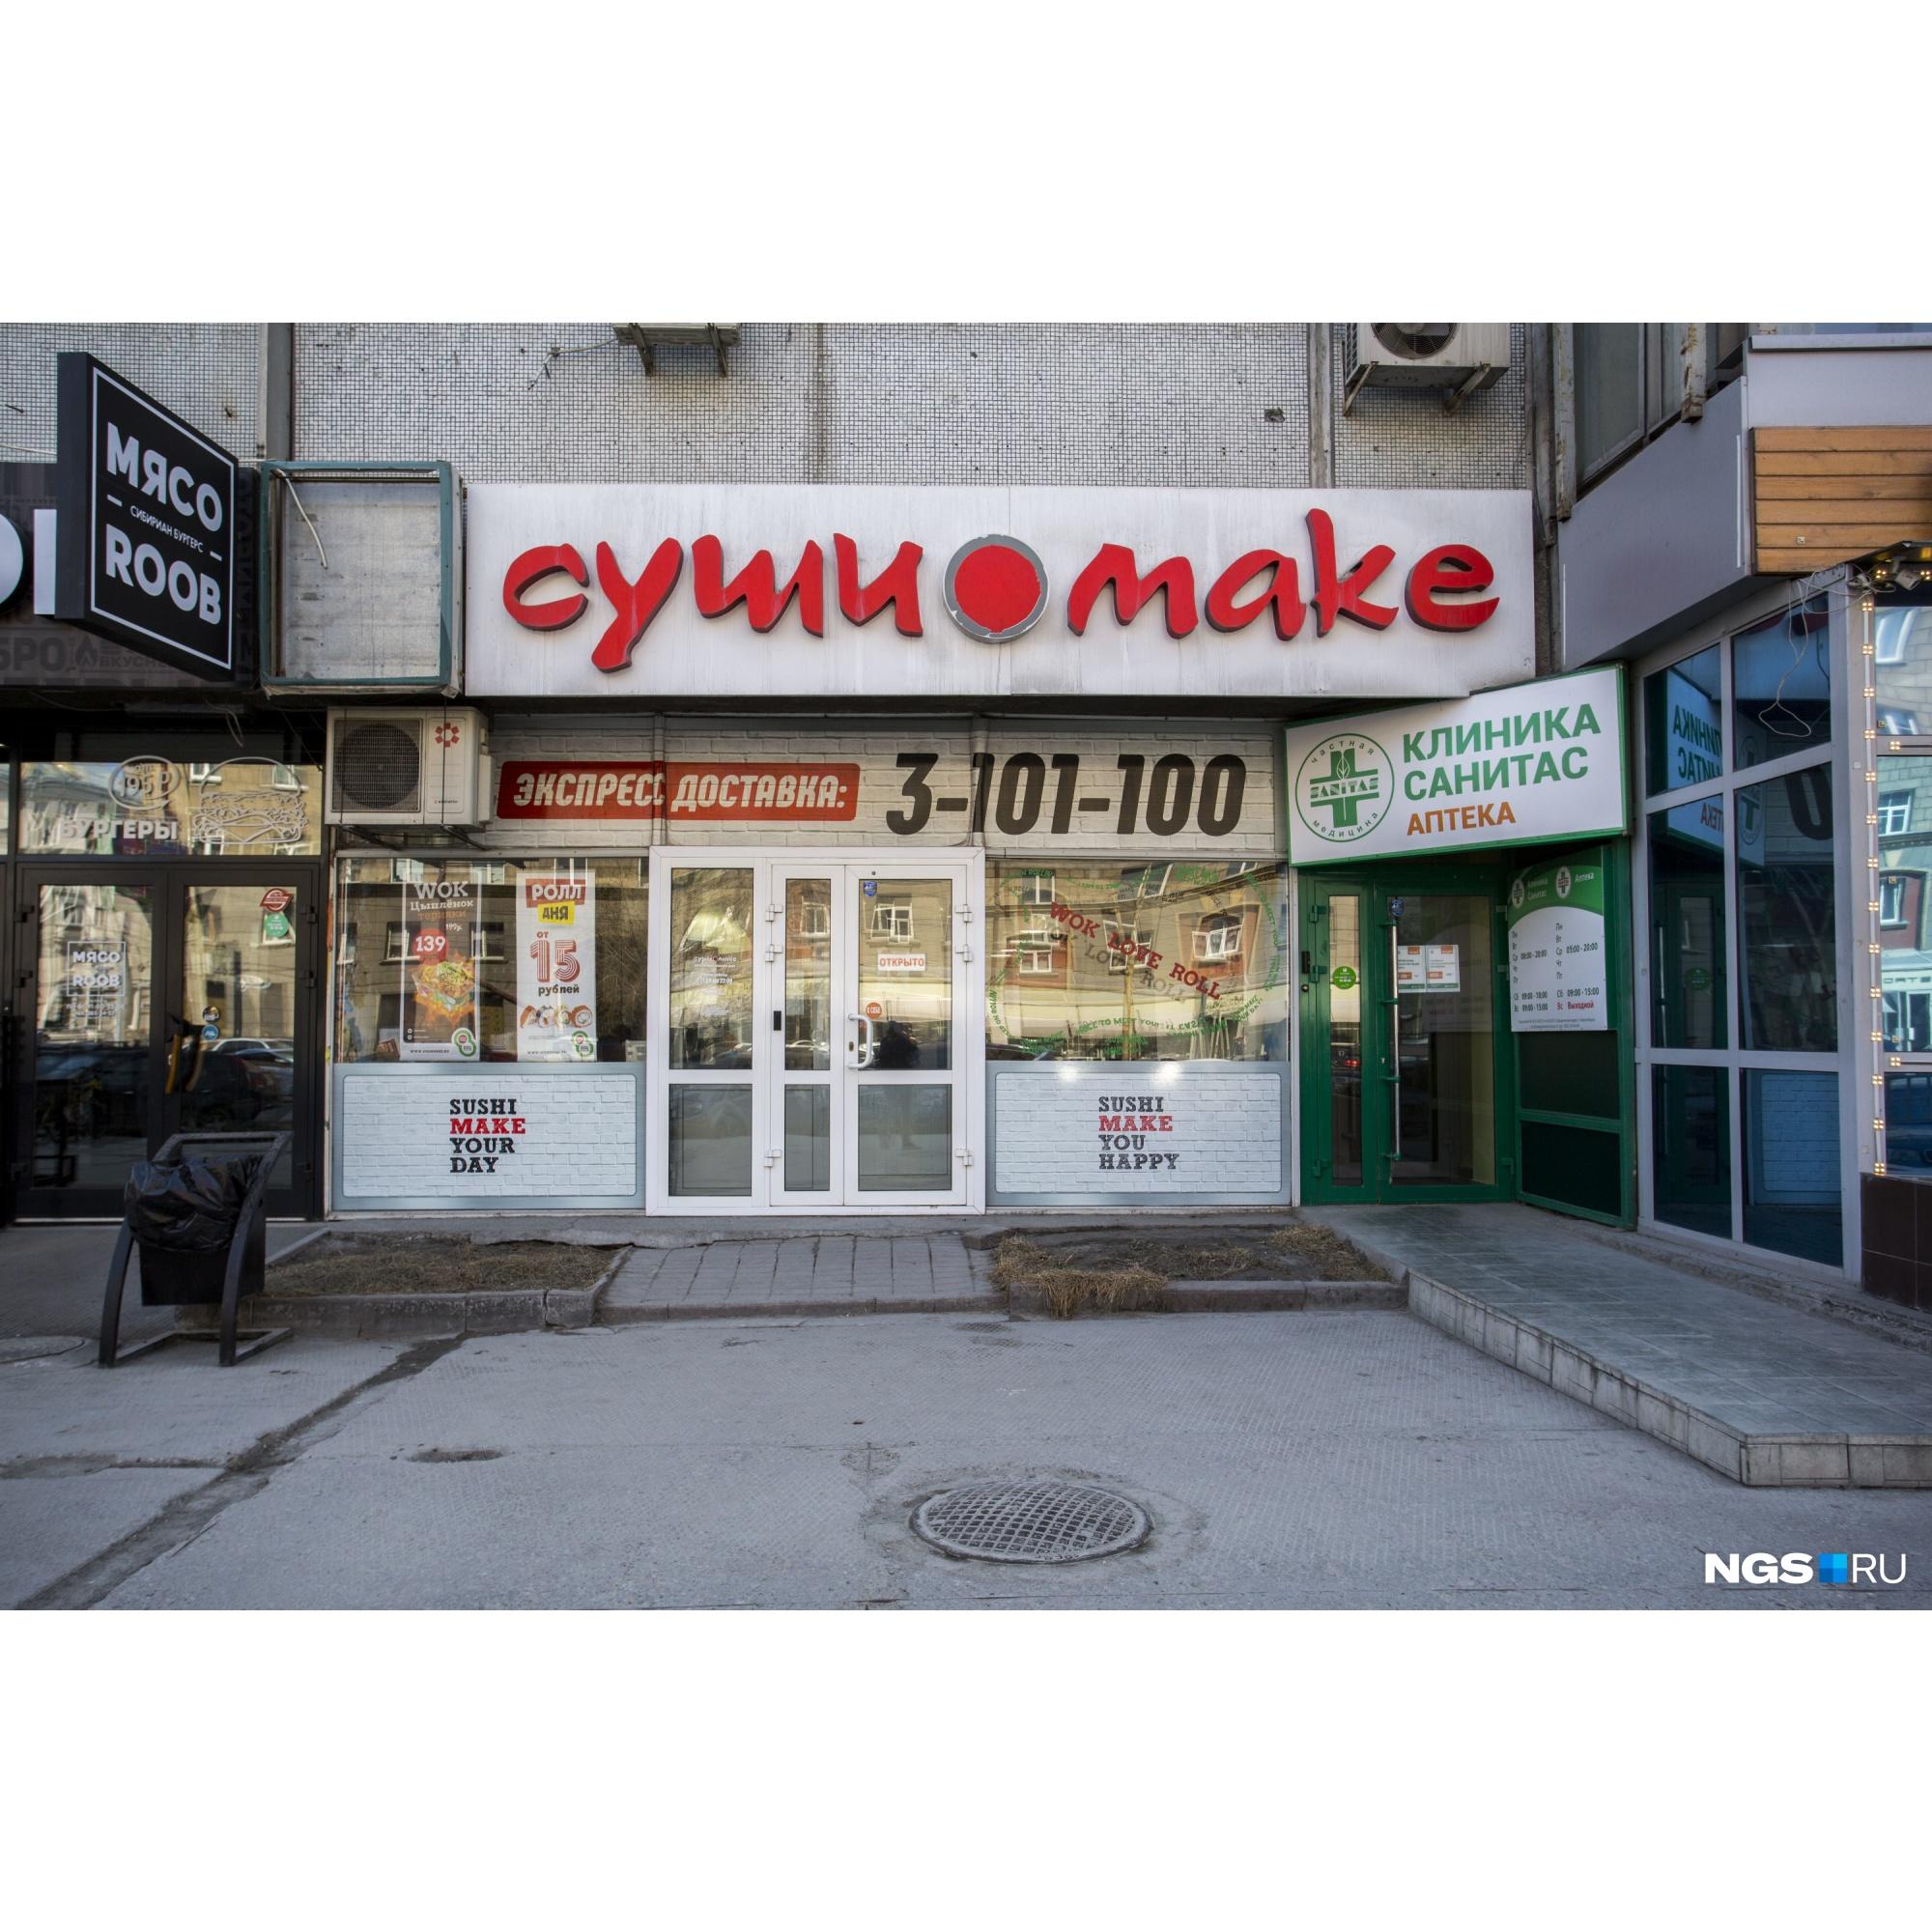 Представитель  «Суши Make» говорит, что для них доставка — это дополнительная услуга для гостей, не основные продажи